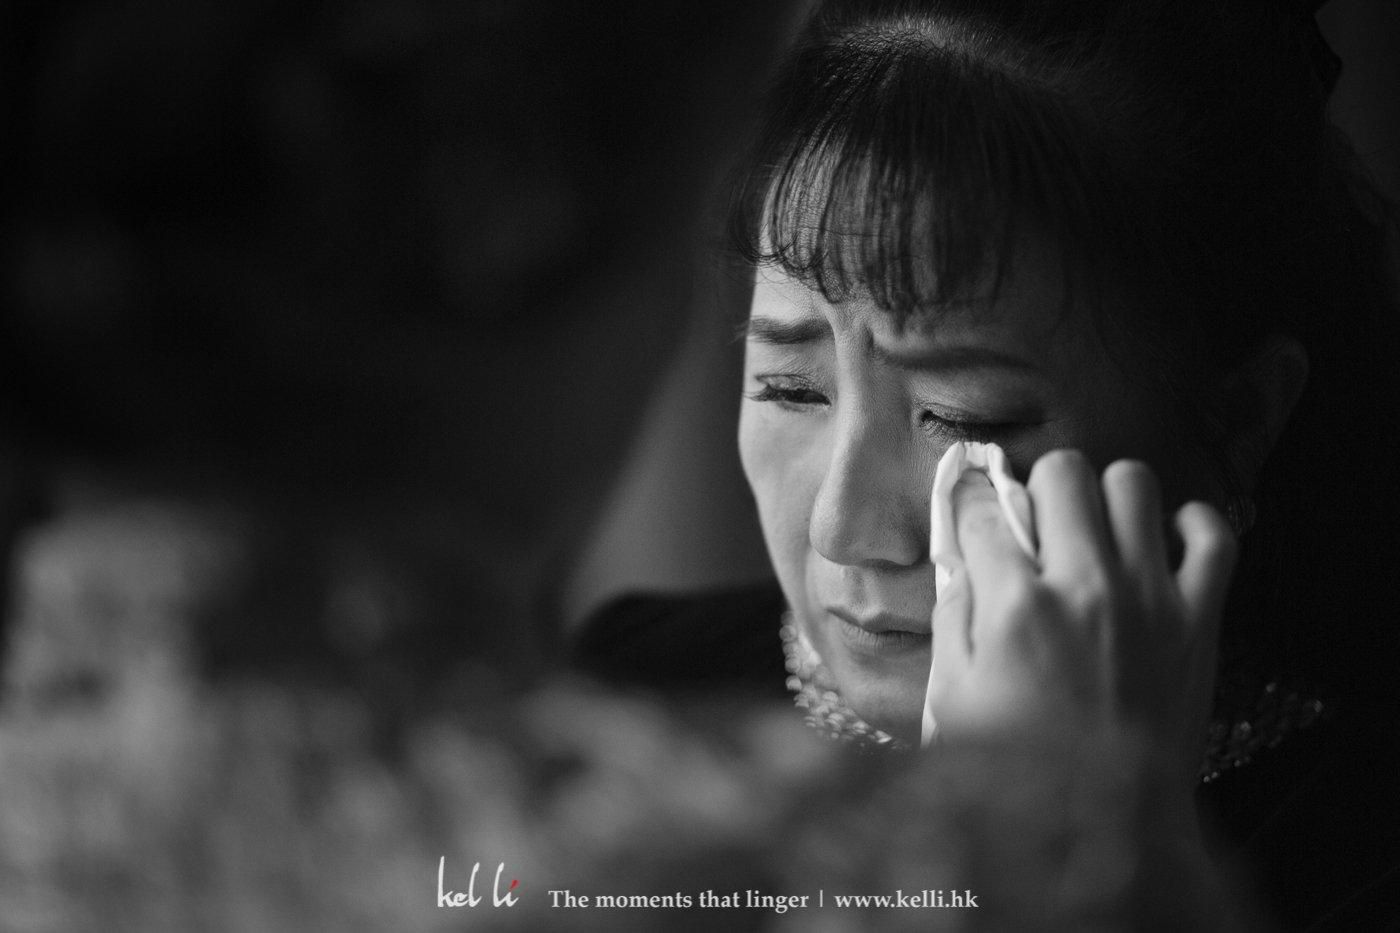 媽媽流淚的時候,新娘也很溫柔地將媽媽臉上的淚水抹去,很溫情